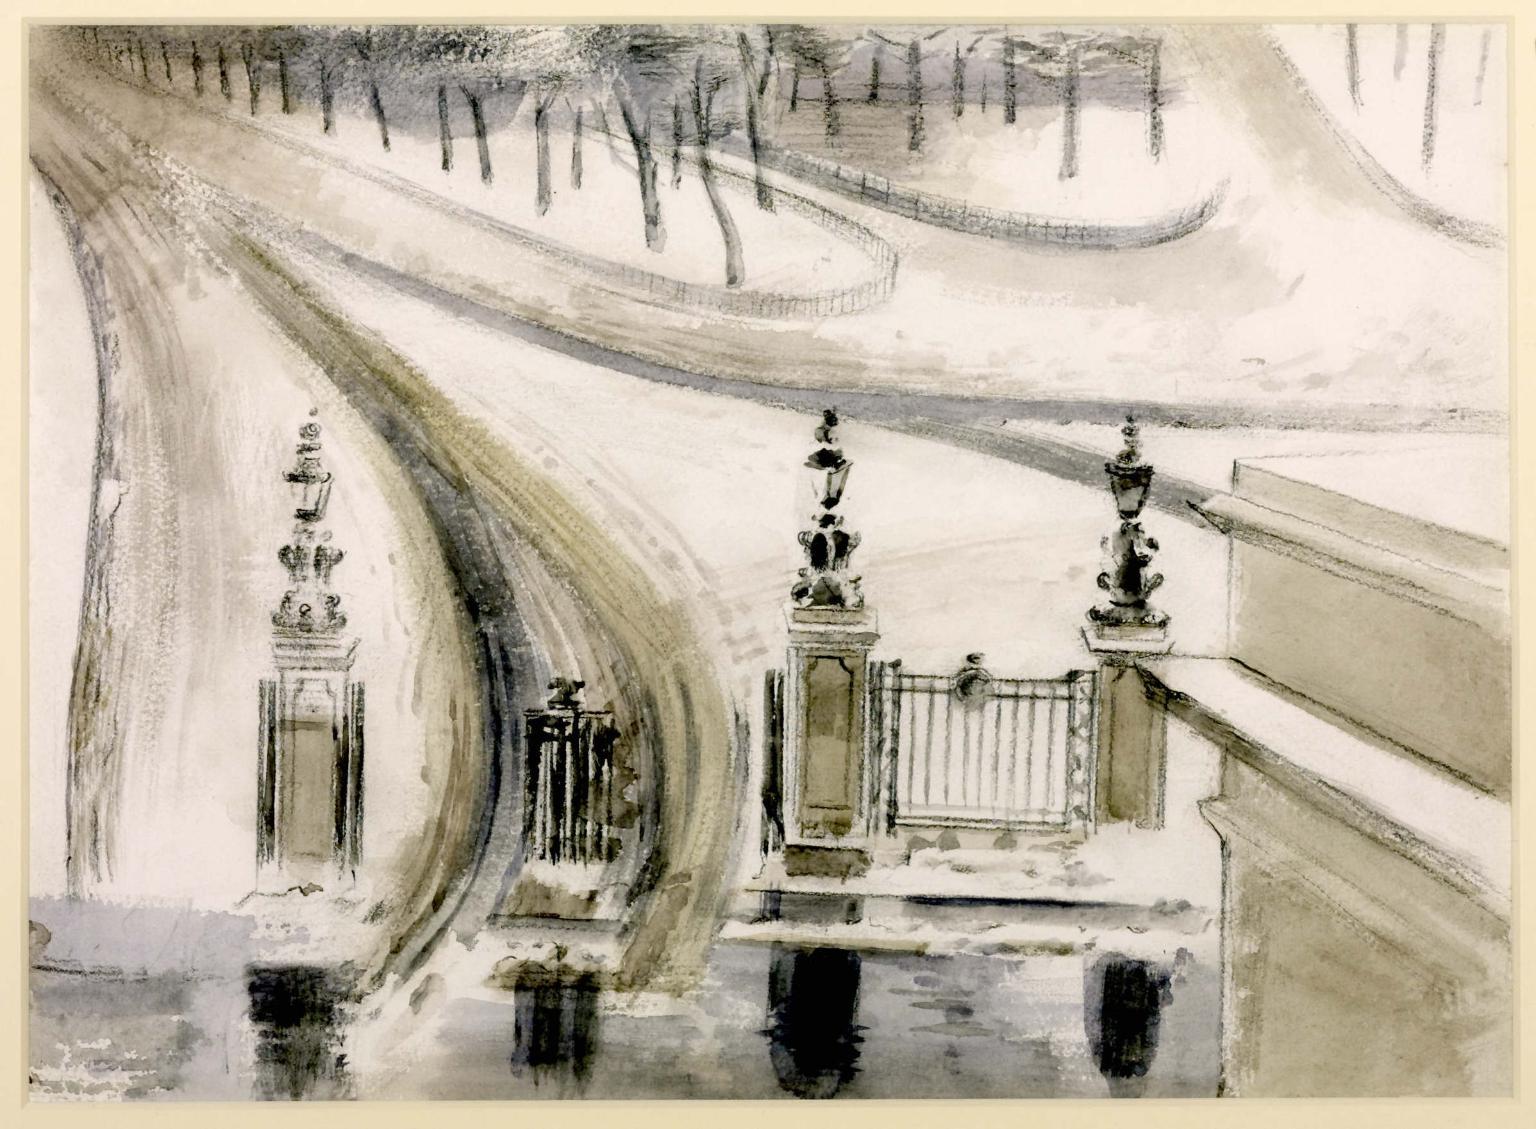 London: Winter Scene, No. 2 1940 by Paul Nash 1889-1946